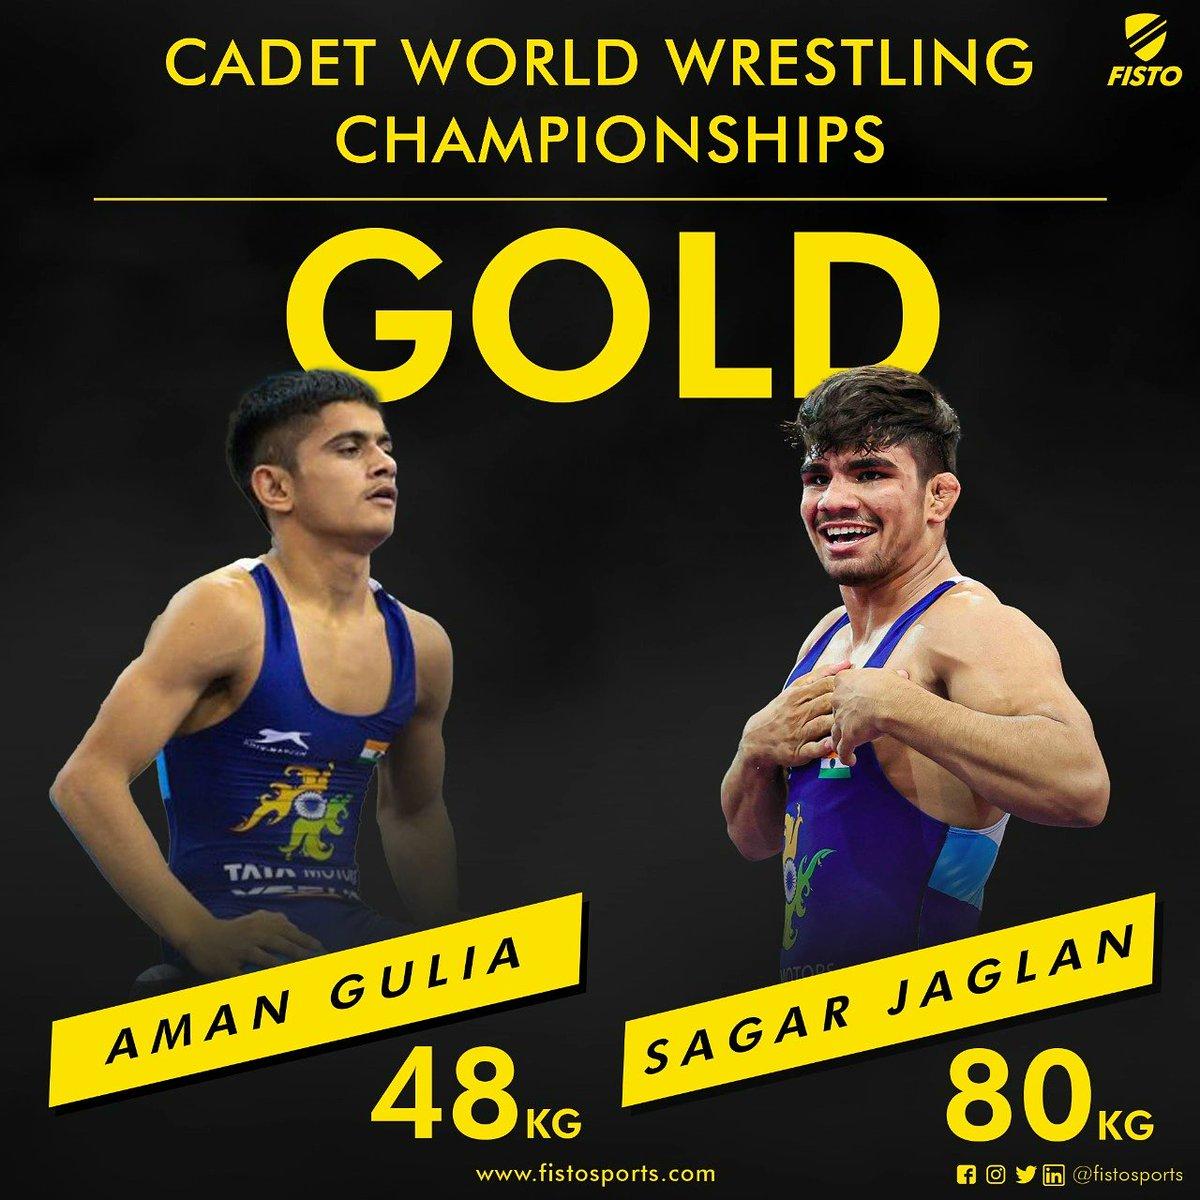 Aman Gulia and Sagar Jaglan become cadet world champions  അമാൻ ഗുലിയയും സാഗർ ജഗ്ലാനും കേഡറ്റ് ലോക ചാമ്പ്യന്മാരായി_40.1